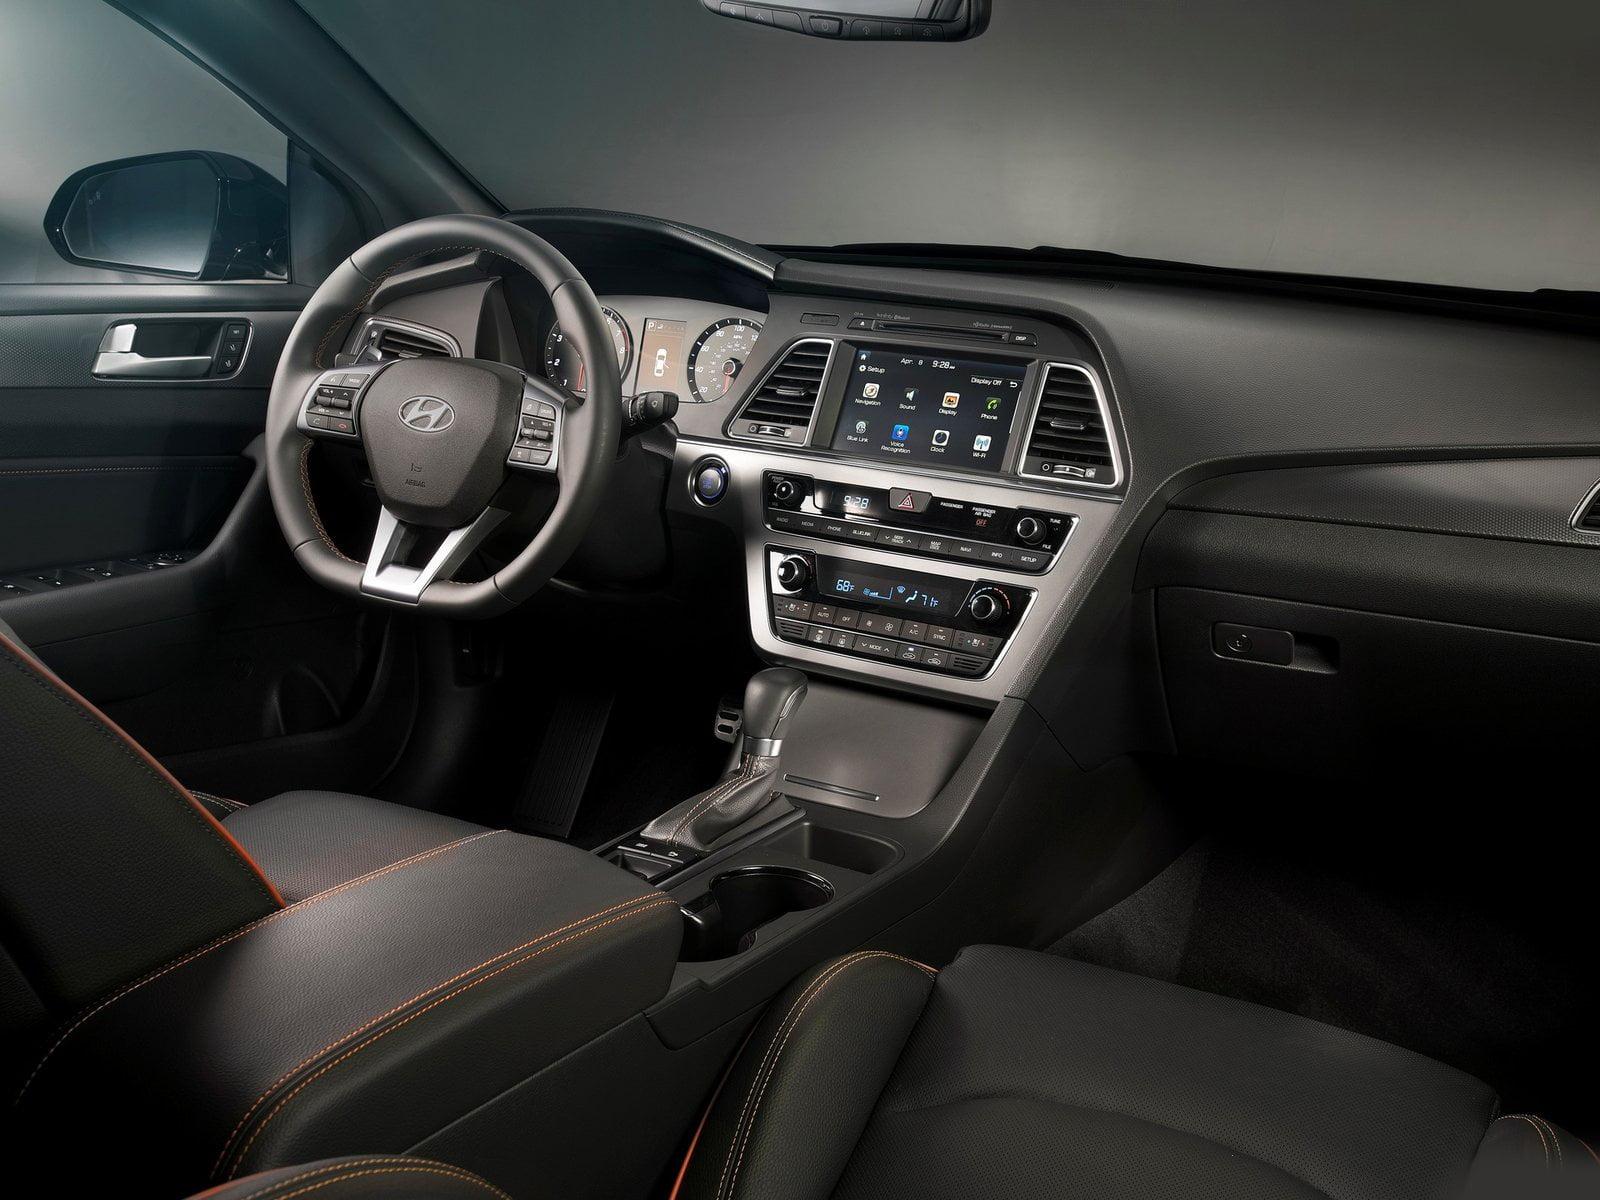 Hyundai sonata 2015 interior carblogindia - 2015 hyundai sonata interior pictures ...